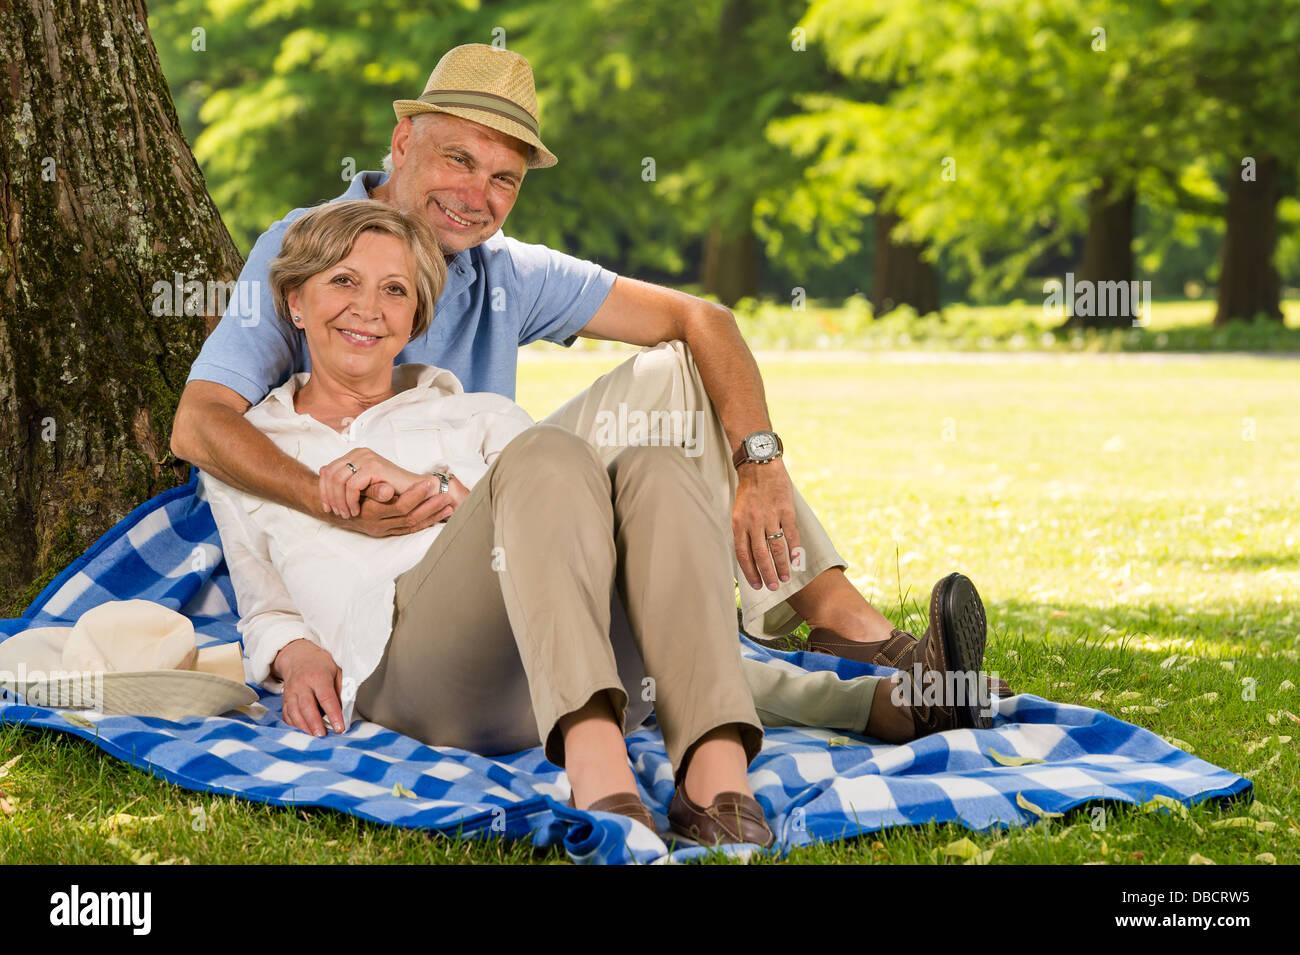 caucasian dating